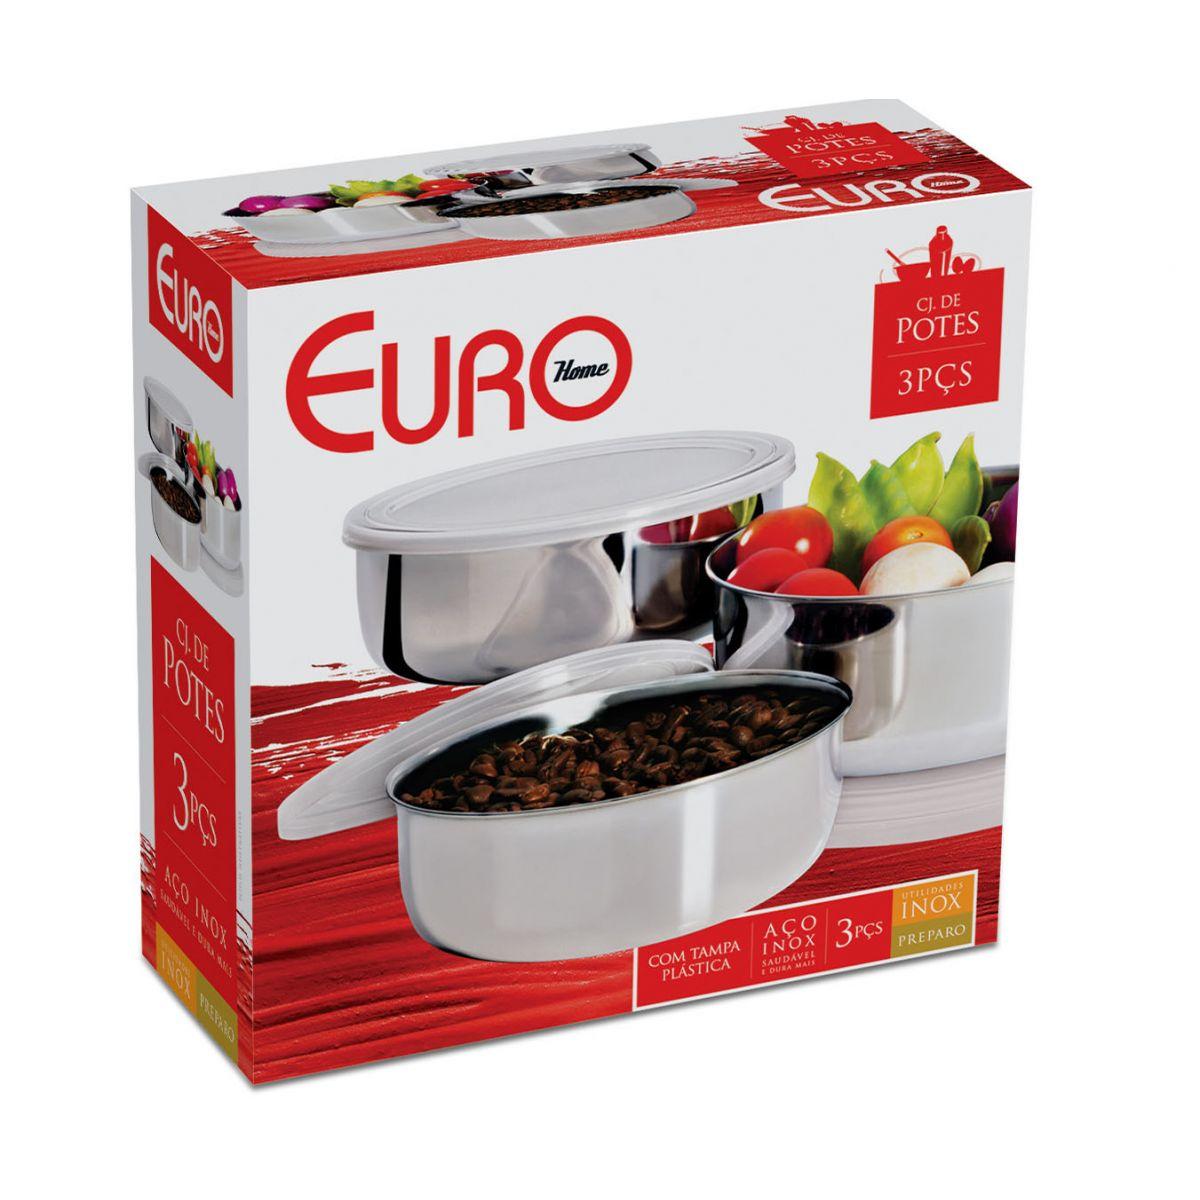 Conjunto de Potes Inox 3 peças Euro Home